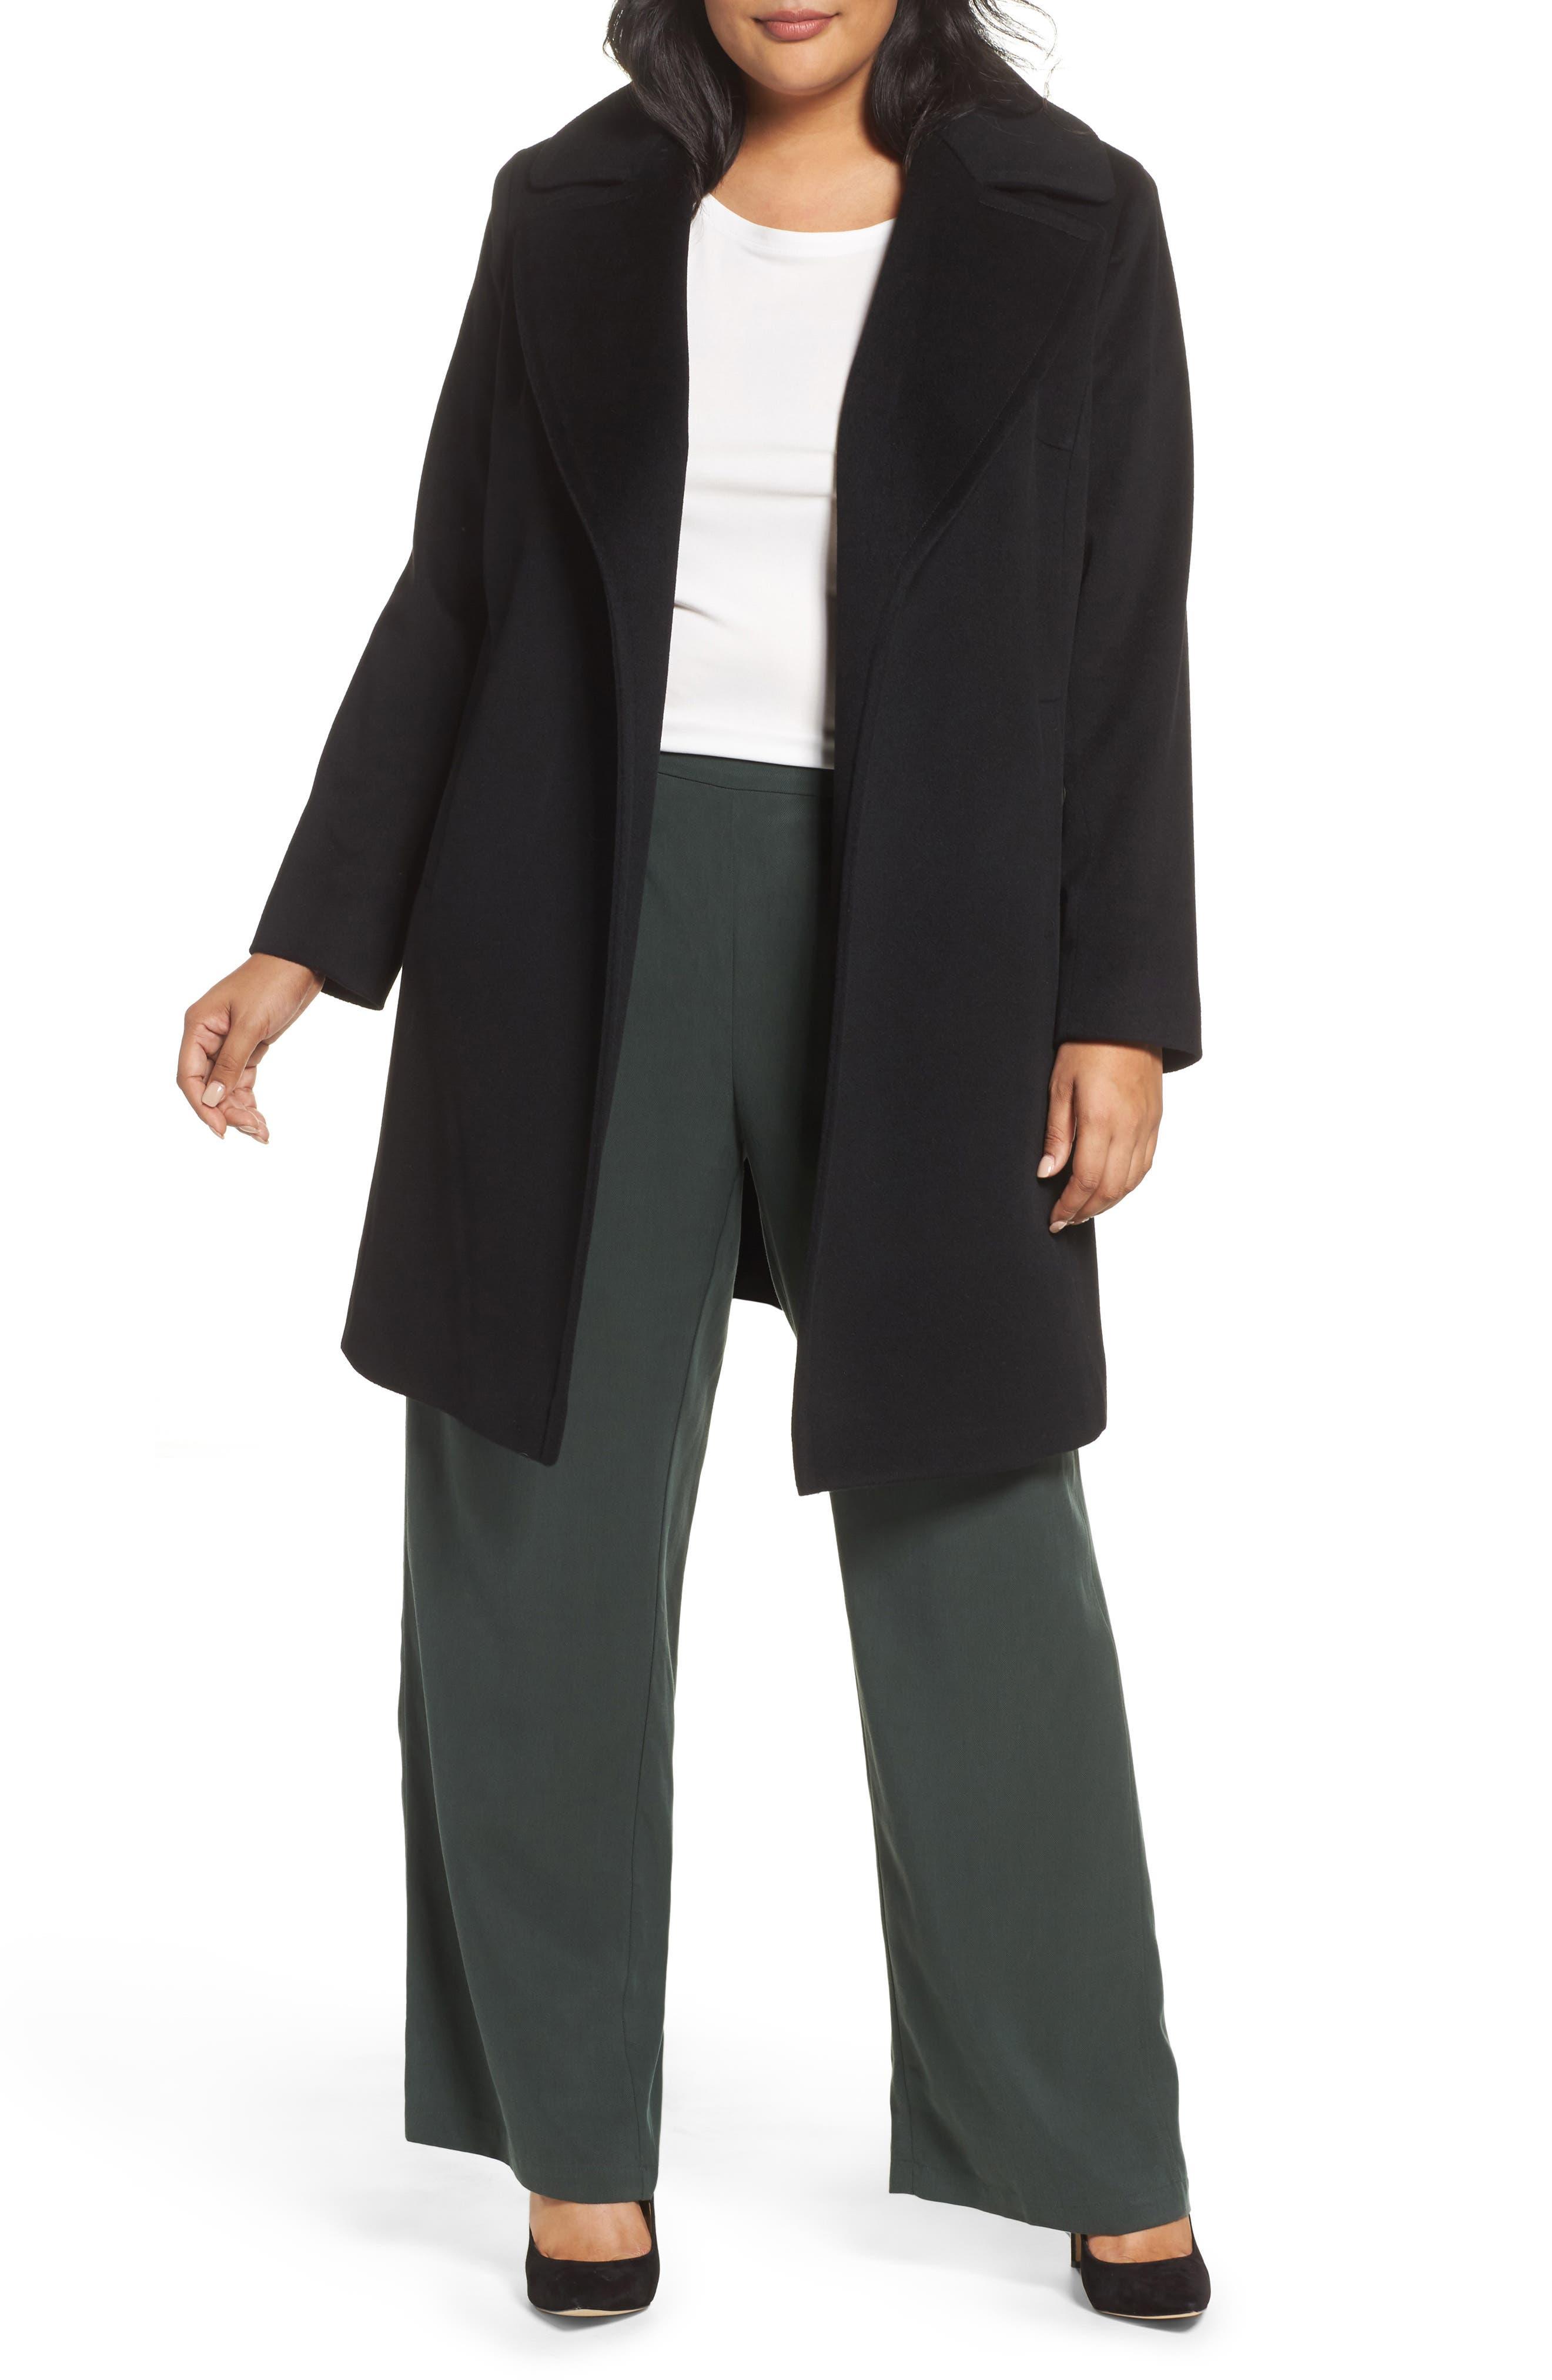 Main Image - Fleurette Wool Wrap Coat (Plus Size)